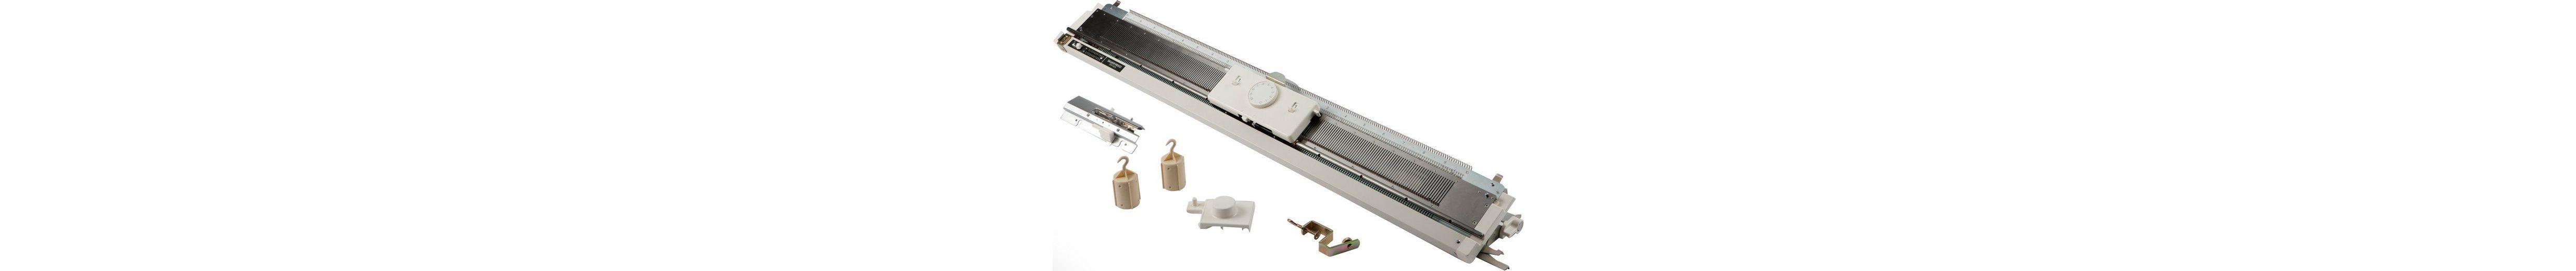 Silver Reed Doppelbett SRP 60 N, ZUBEHÖR für Strickmaschine SK280